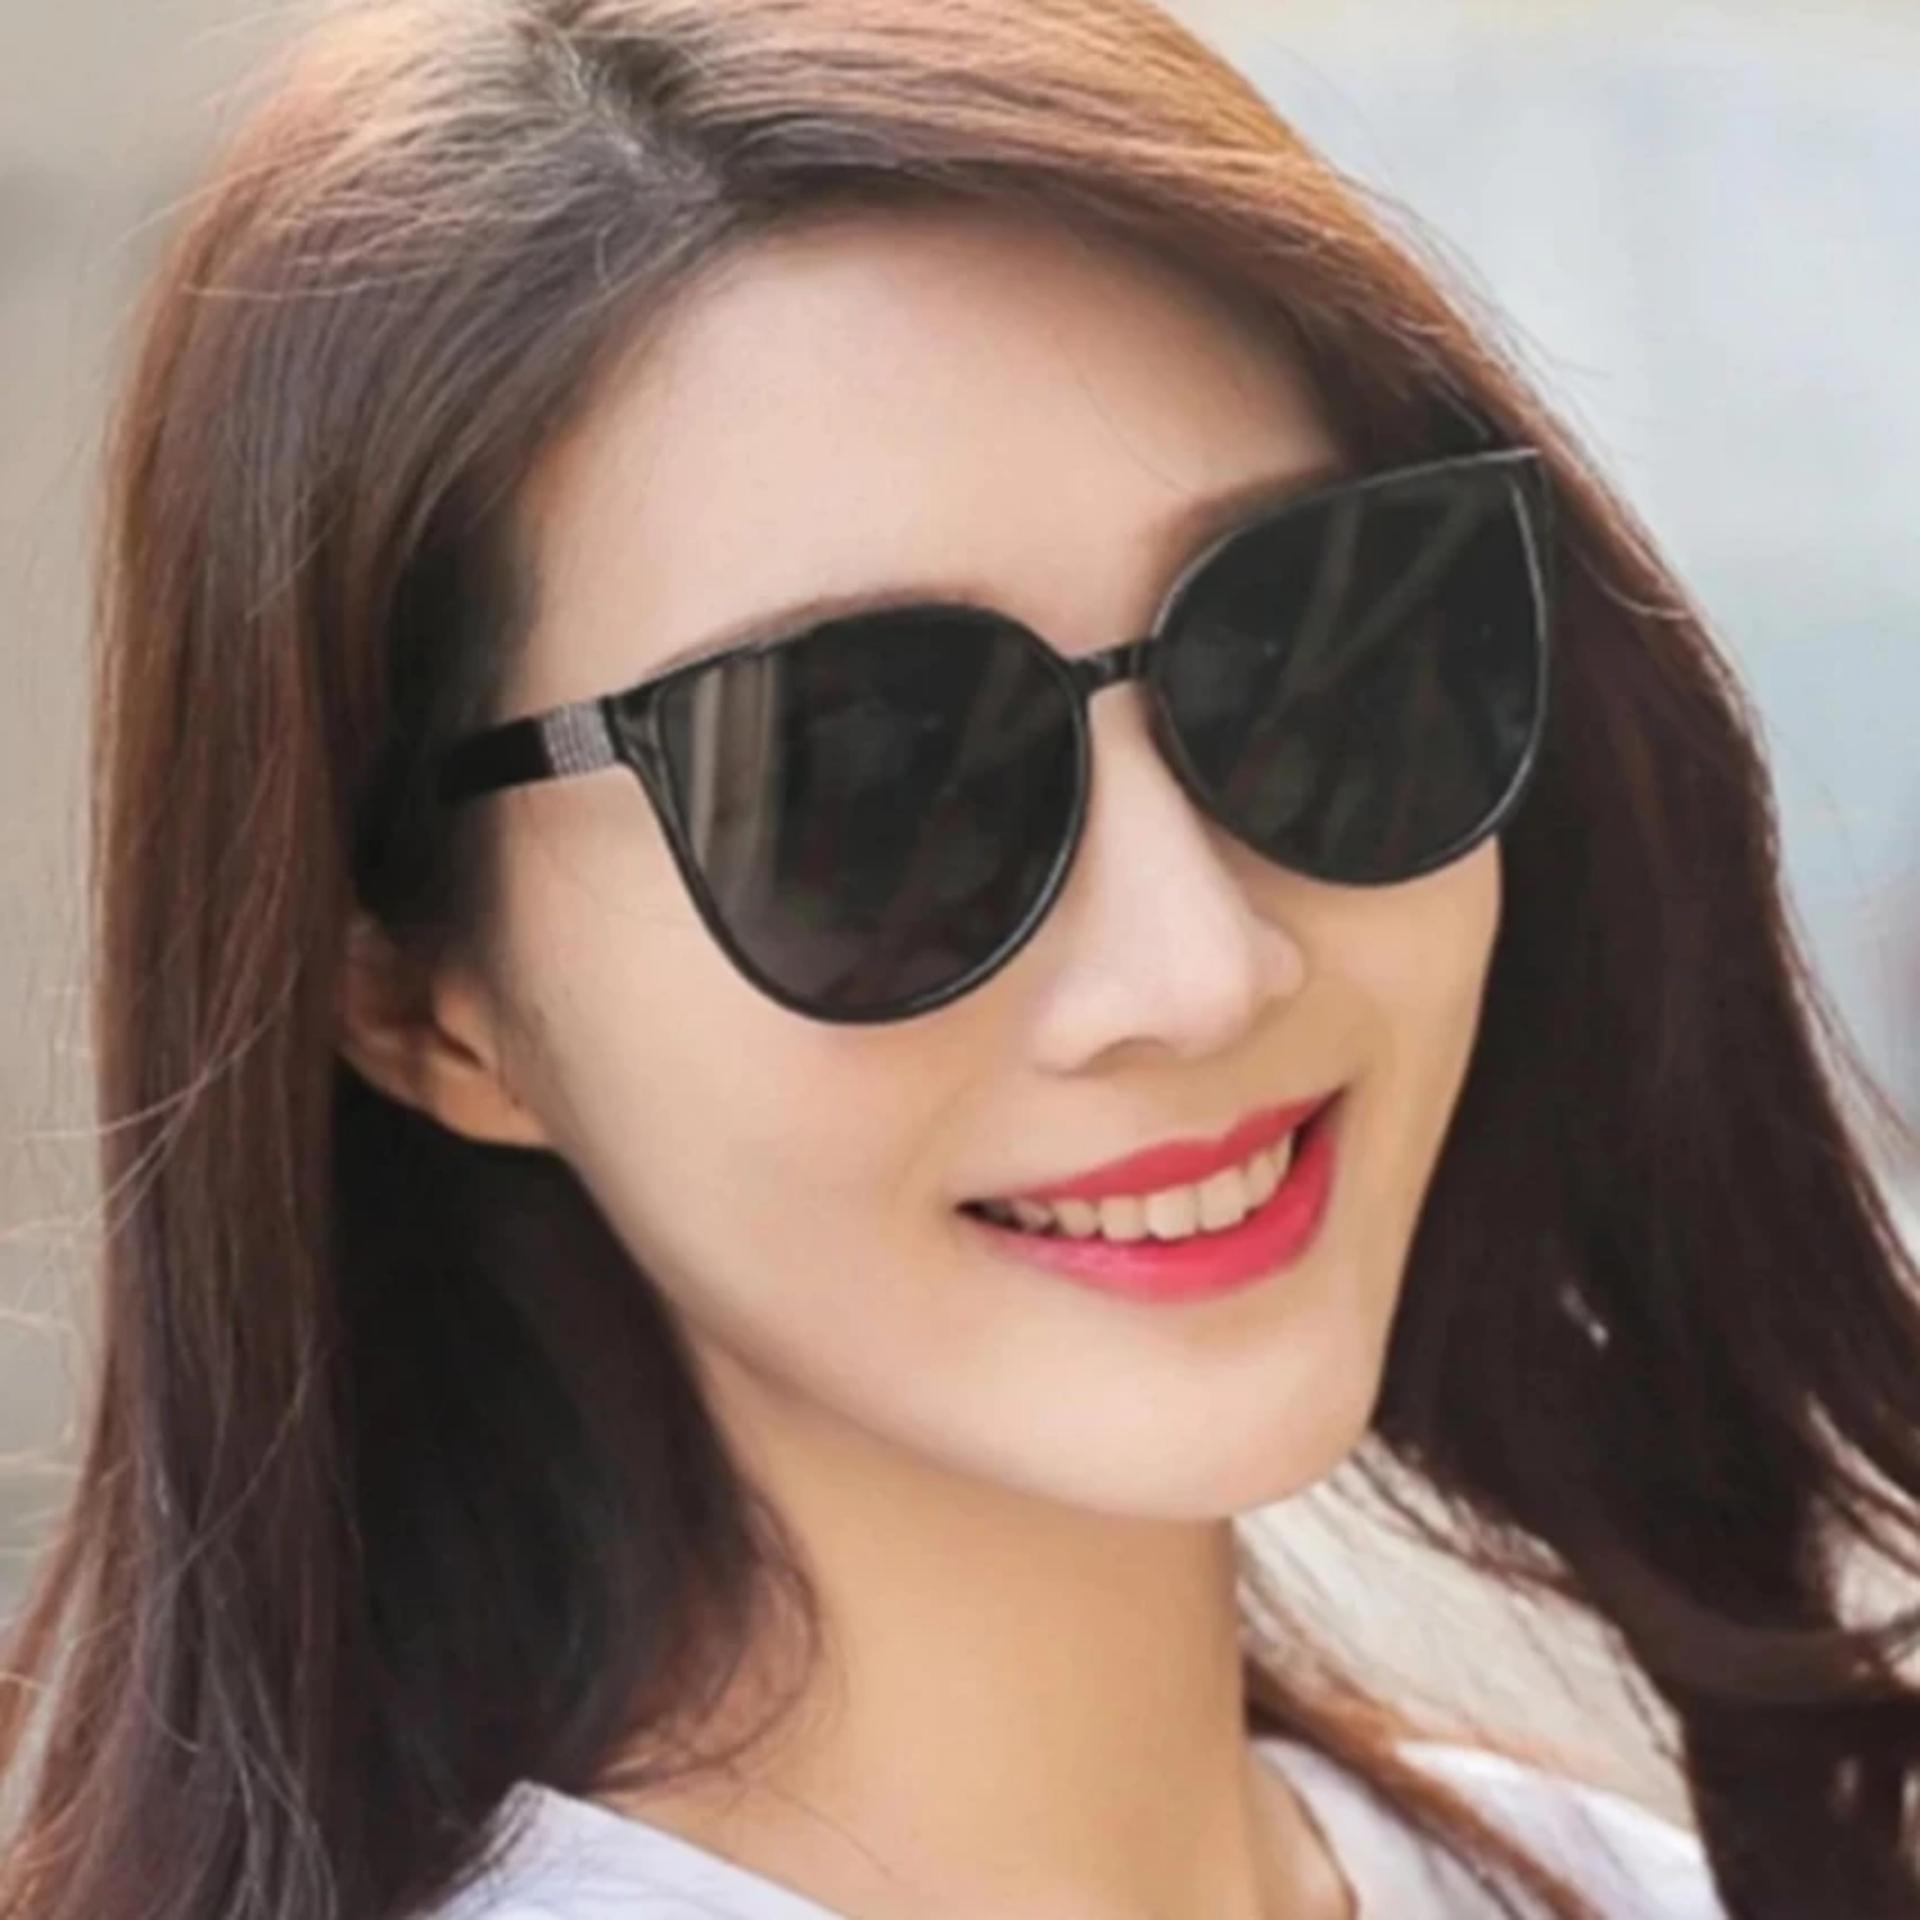 Mắt Kính Thời Trang Nữ tuyệt đẹp PGH-01 (Đen)